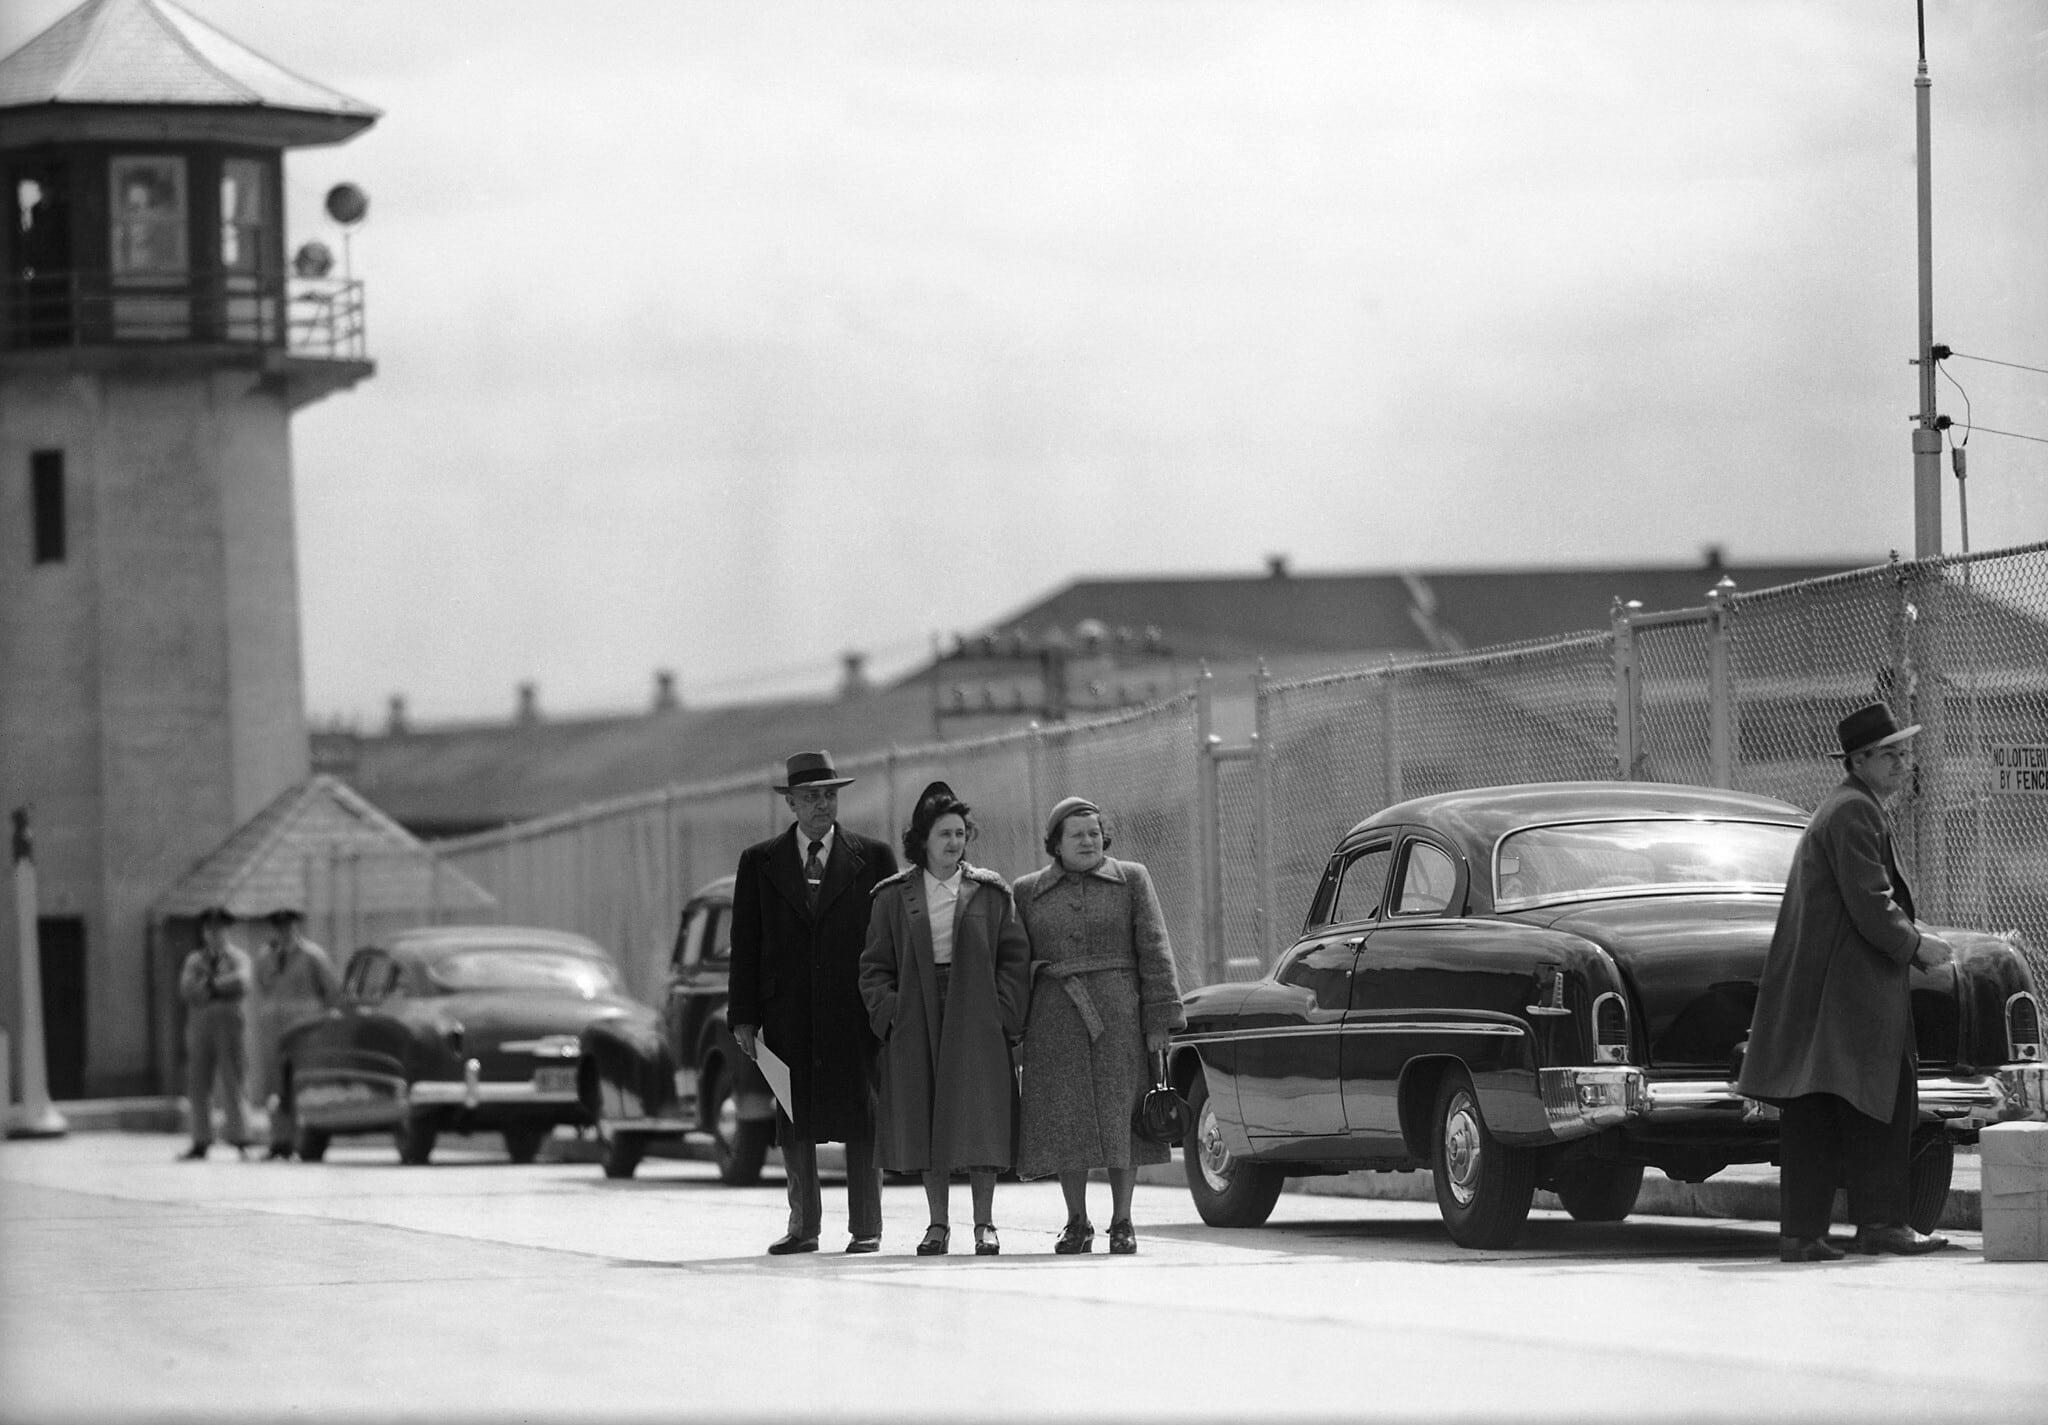 אתל רוזנברג (במרכז) מגיעה לכלא סינג סינג בניו יורק, 11 באפריל 1951 (צילום: Marty Lederhandler, AP)